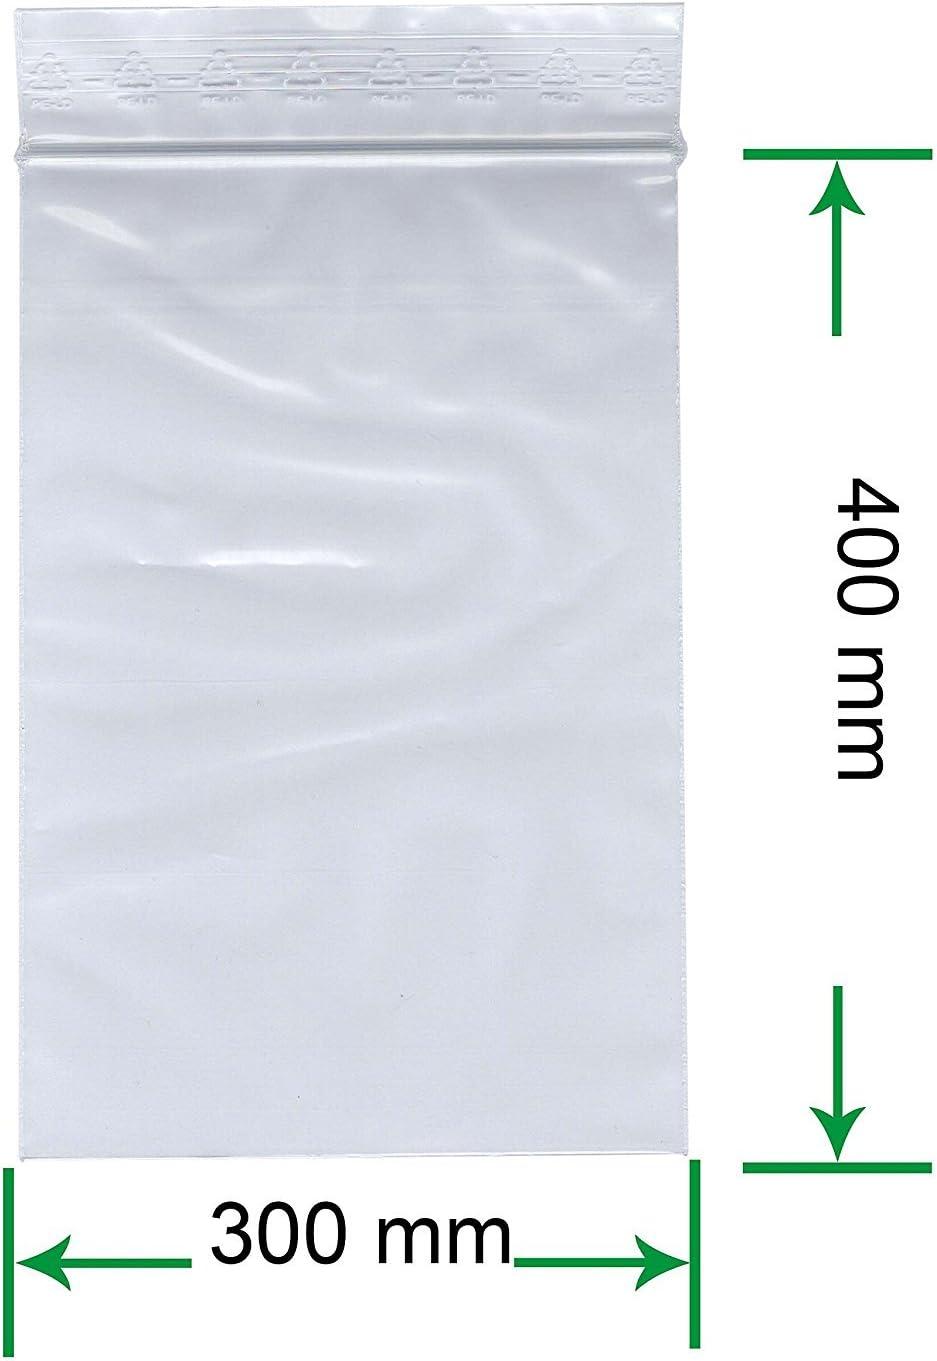 90 m/µ//MY Unbedruckt HeiZip 500 x Druckverschlussbeutel 400 x 600 mm Transparent Lebensmittelecht Wiederverschliessbar extra stark